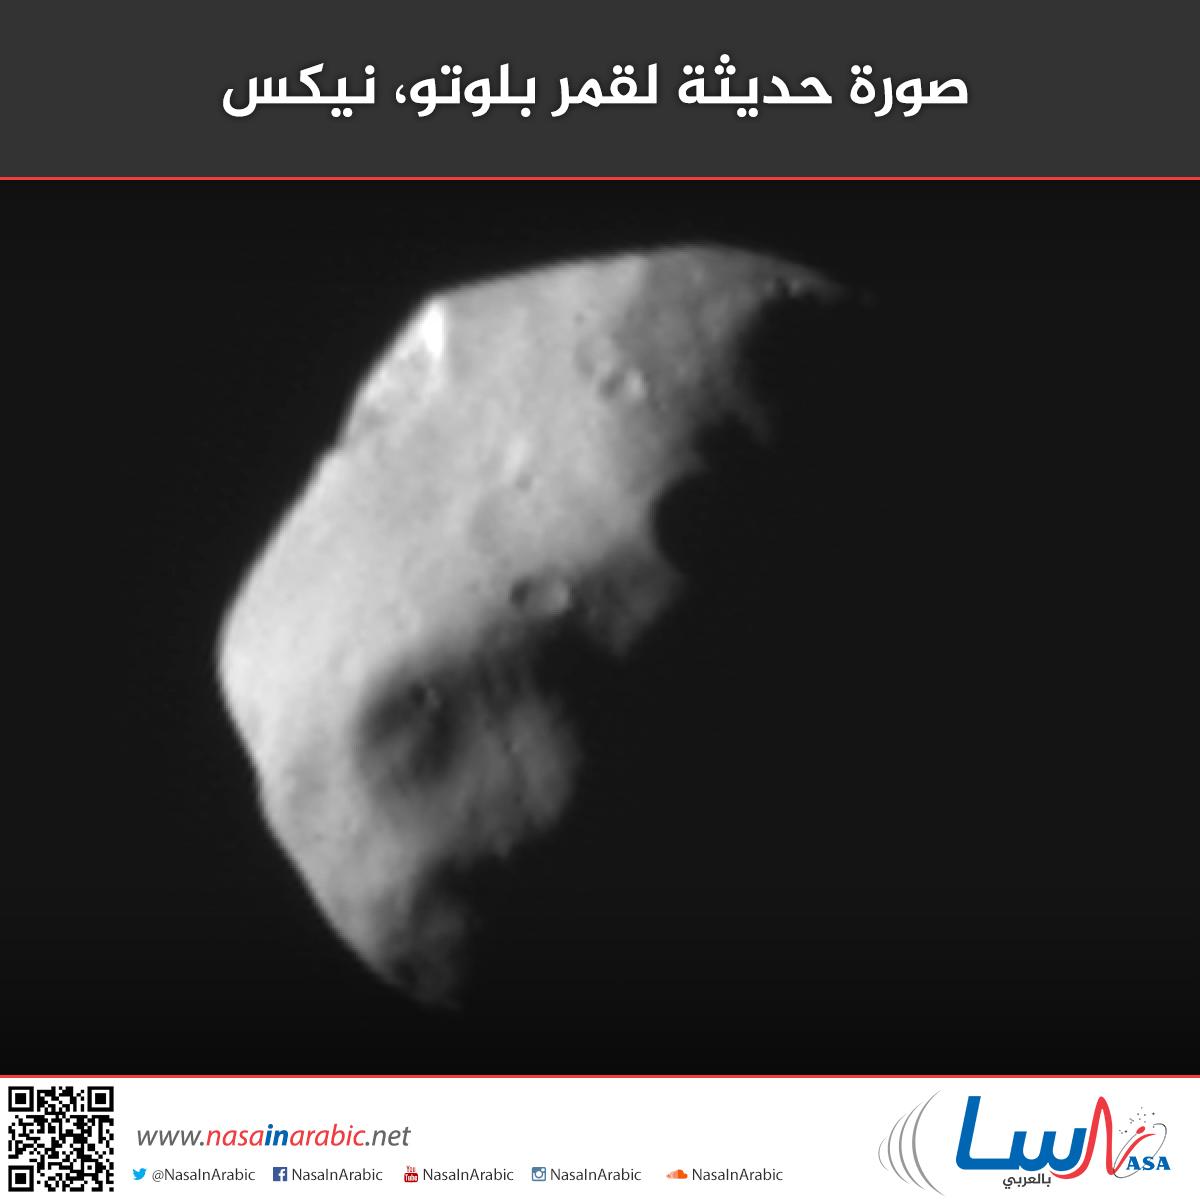 صورة حديثة لقمر بلوتو، نيكس